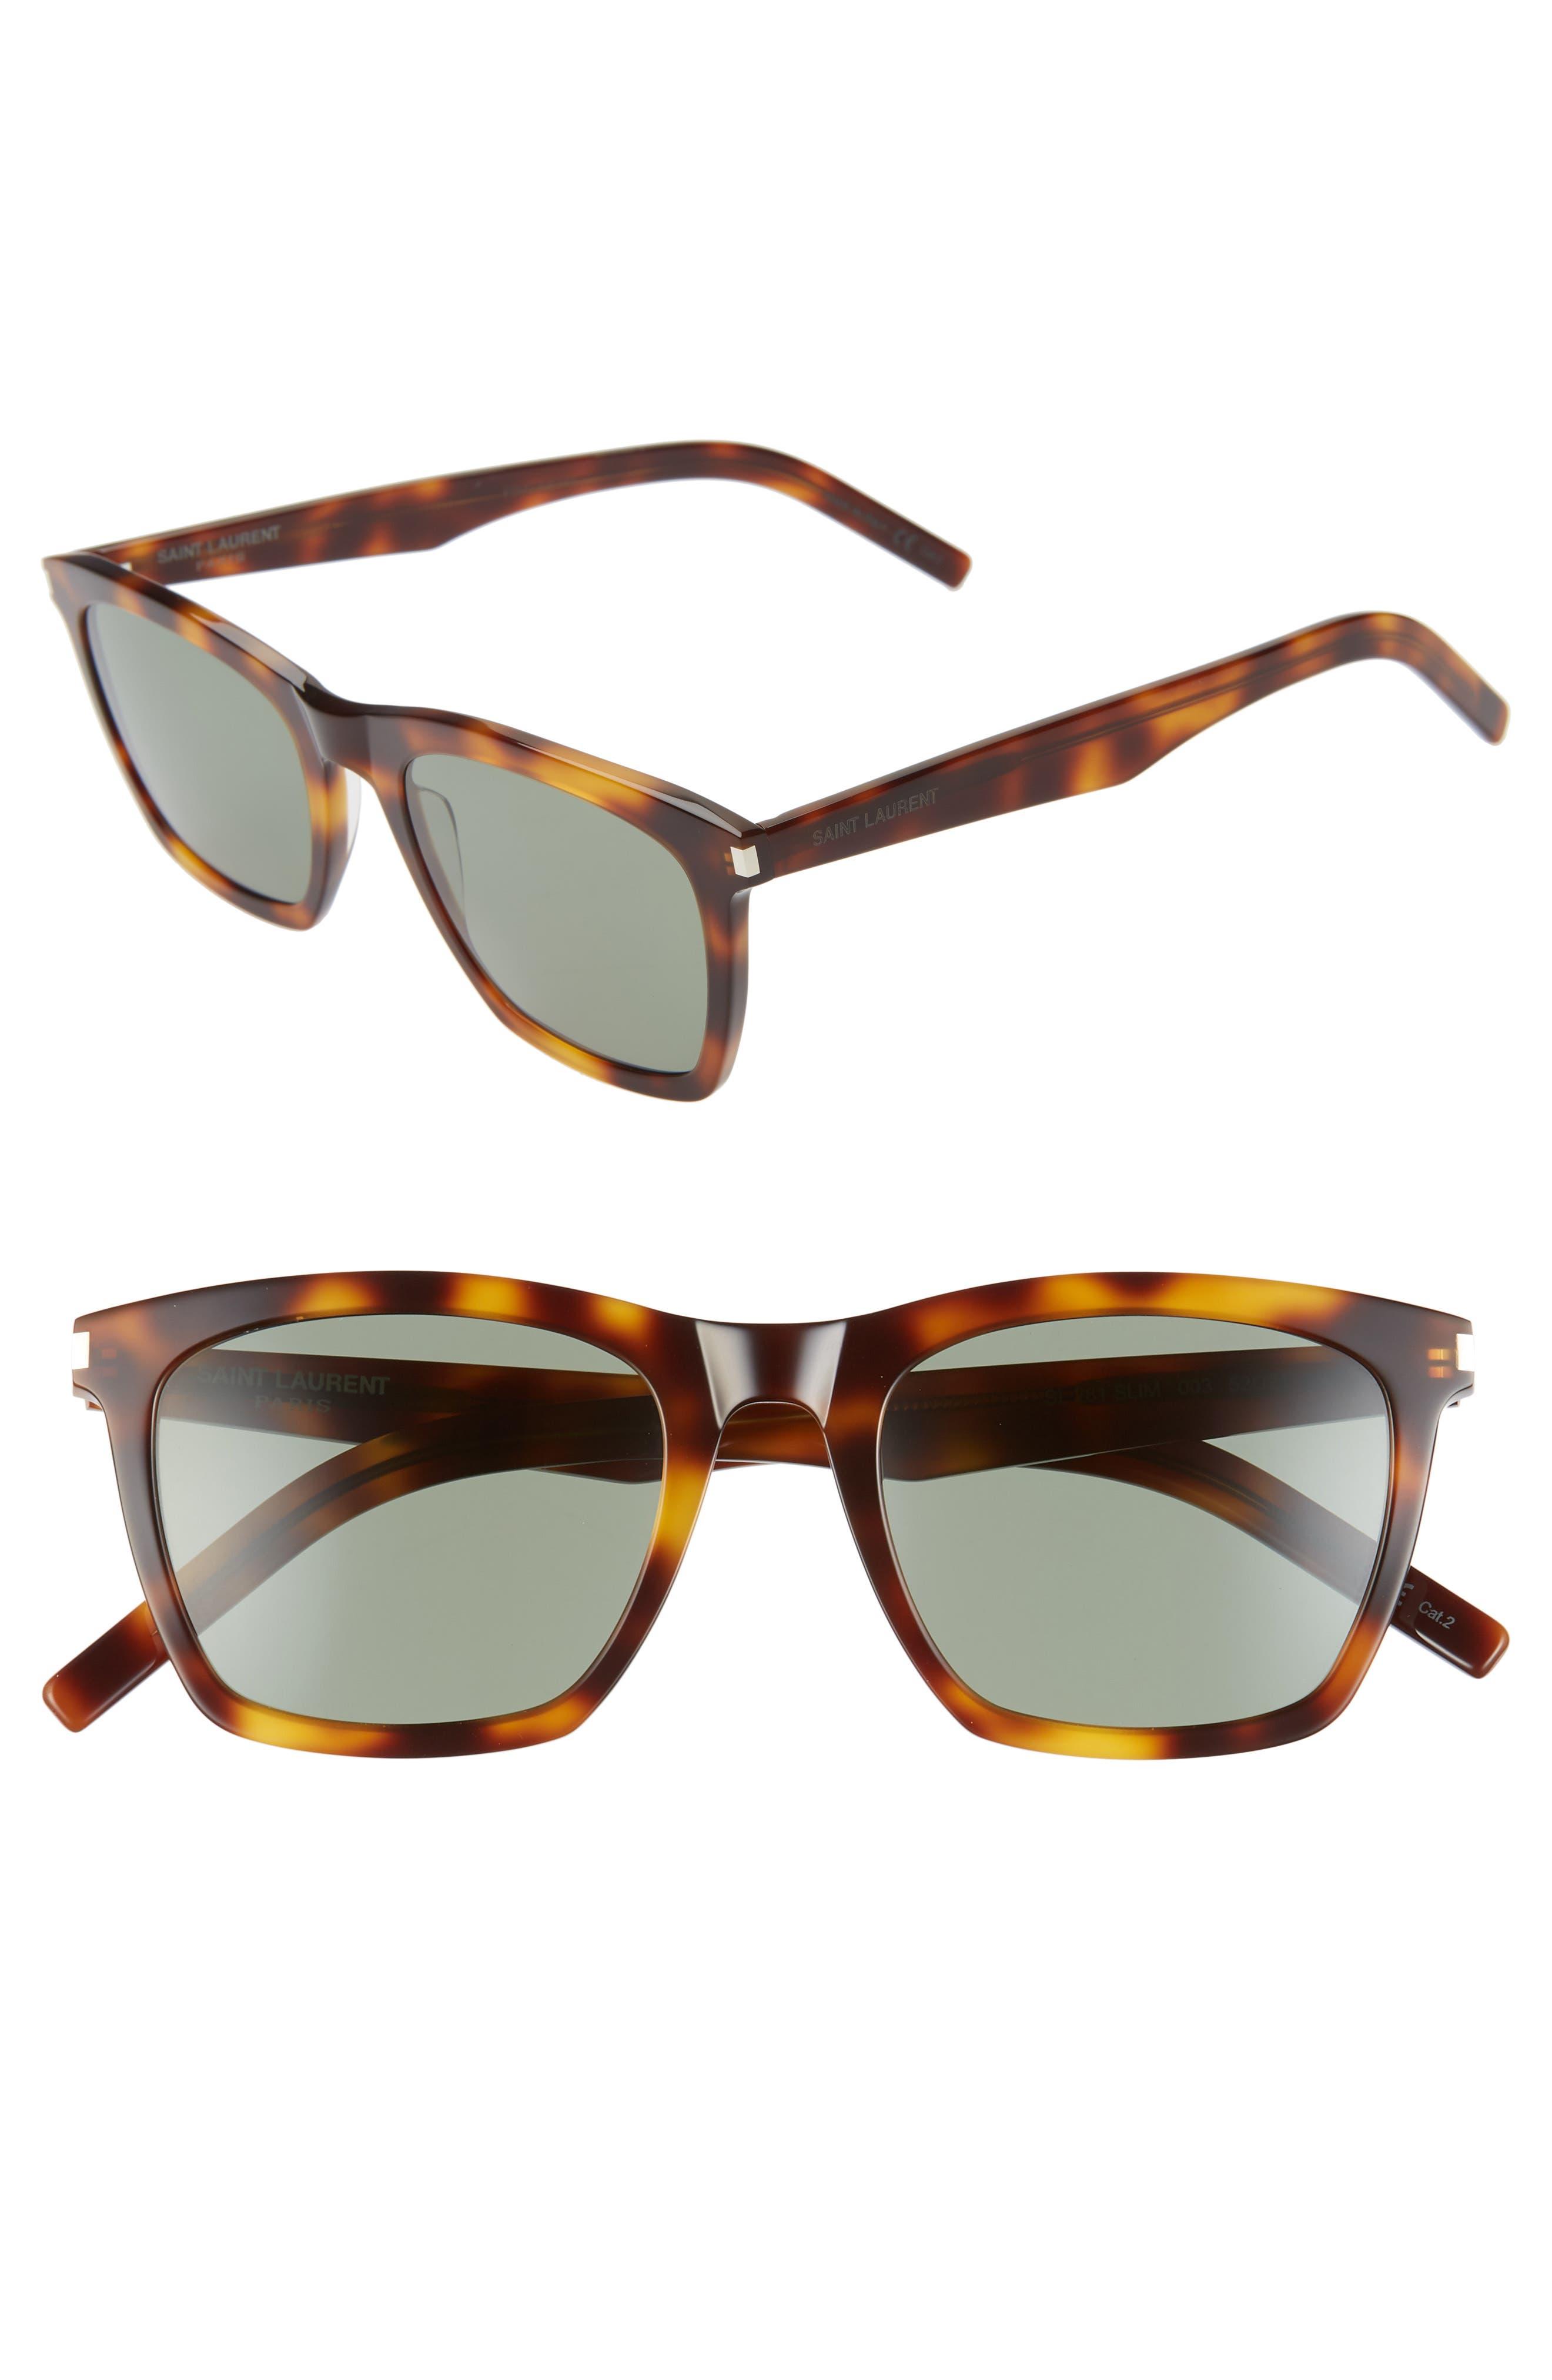 Saint Laurent Sunglasses 52mm Sunglasses